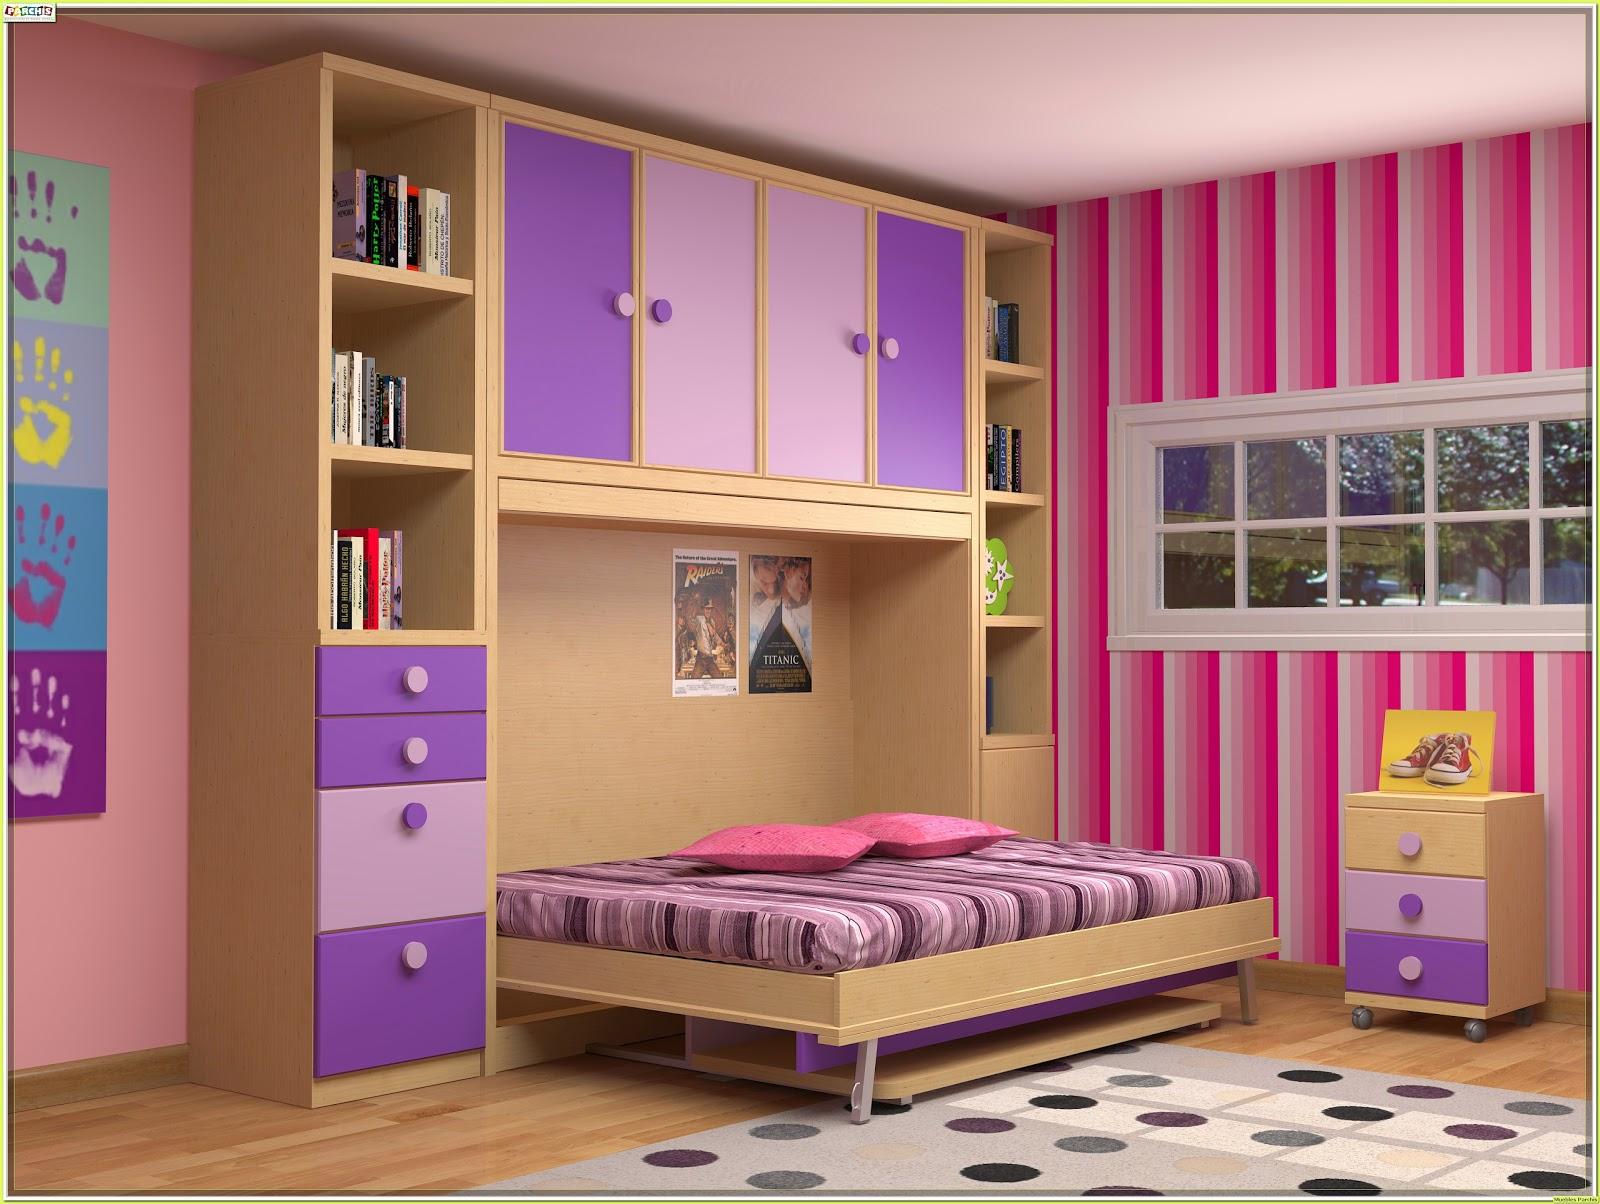 Cama mesa abatible camas autoportantes camas abatibles - Habitaciones juveniles 2 camas ...